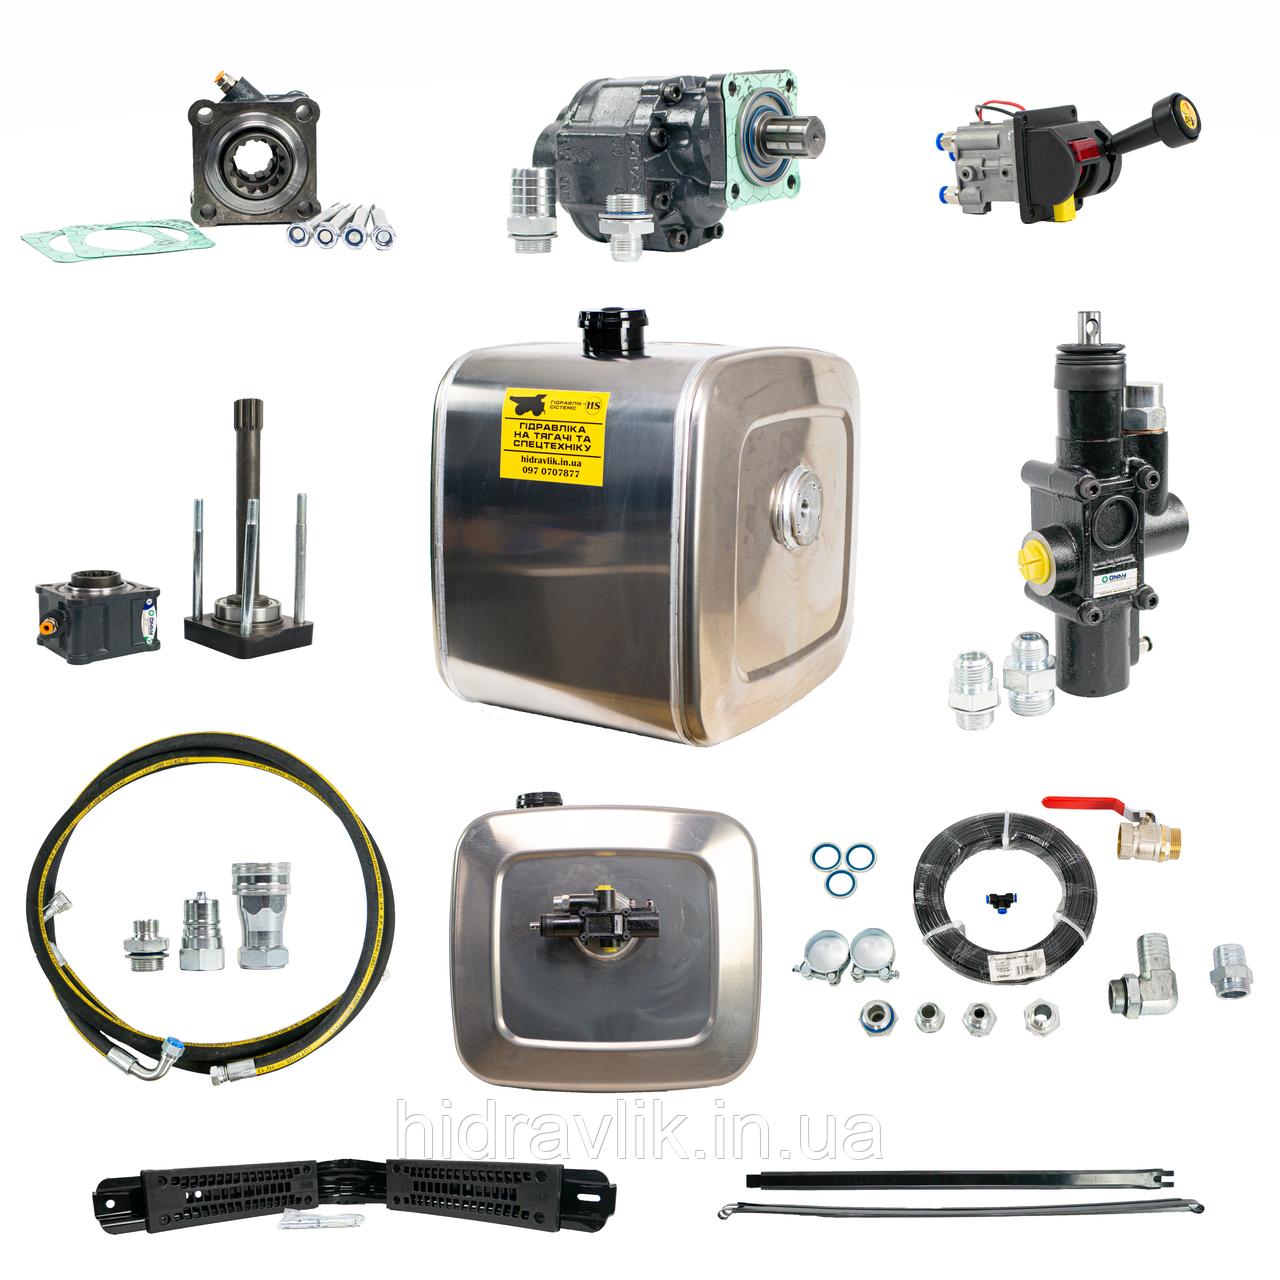 Гидравлический комплект для авто MAN/DAF/IVECO/VOLVO/RENAULT